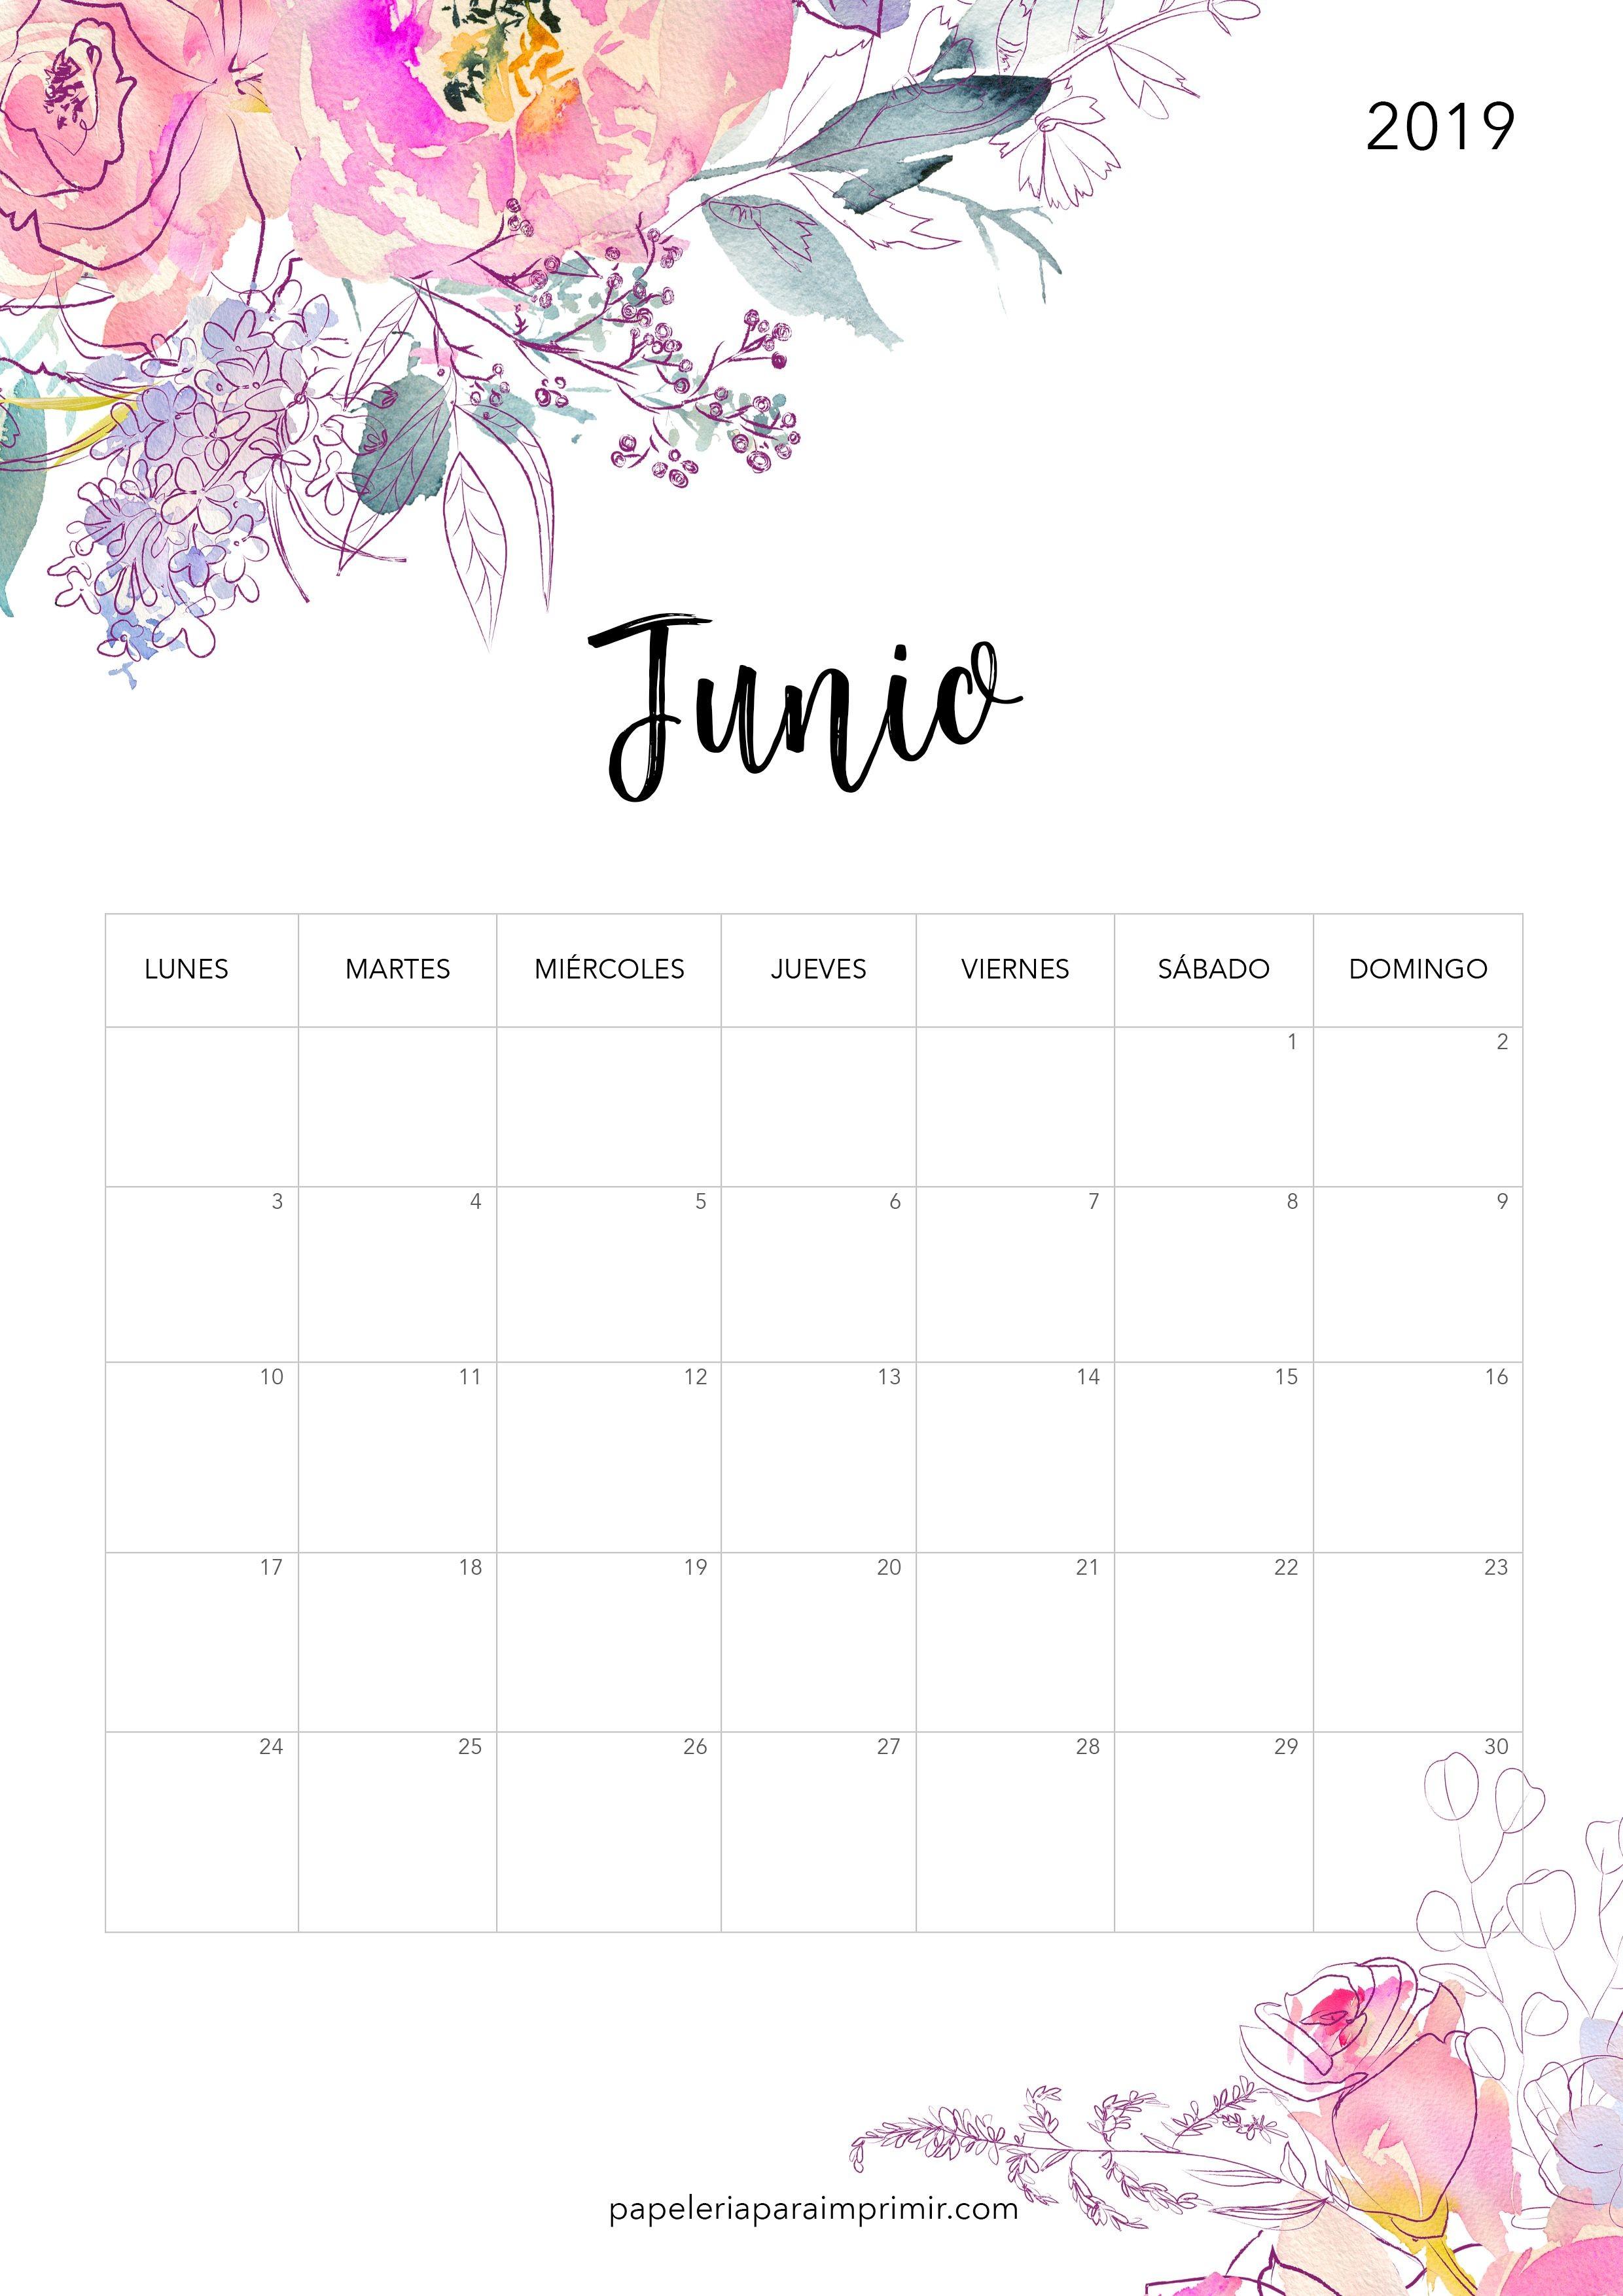 Calendario 2019 Para Llenar E Imprimir Actual Calendario Para Imprimir Junio 2019 Calendario Imprimir Junio Of Calendario 2019 Para Llenar E Imprimir Más Recientes Cobao